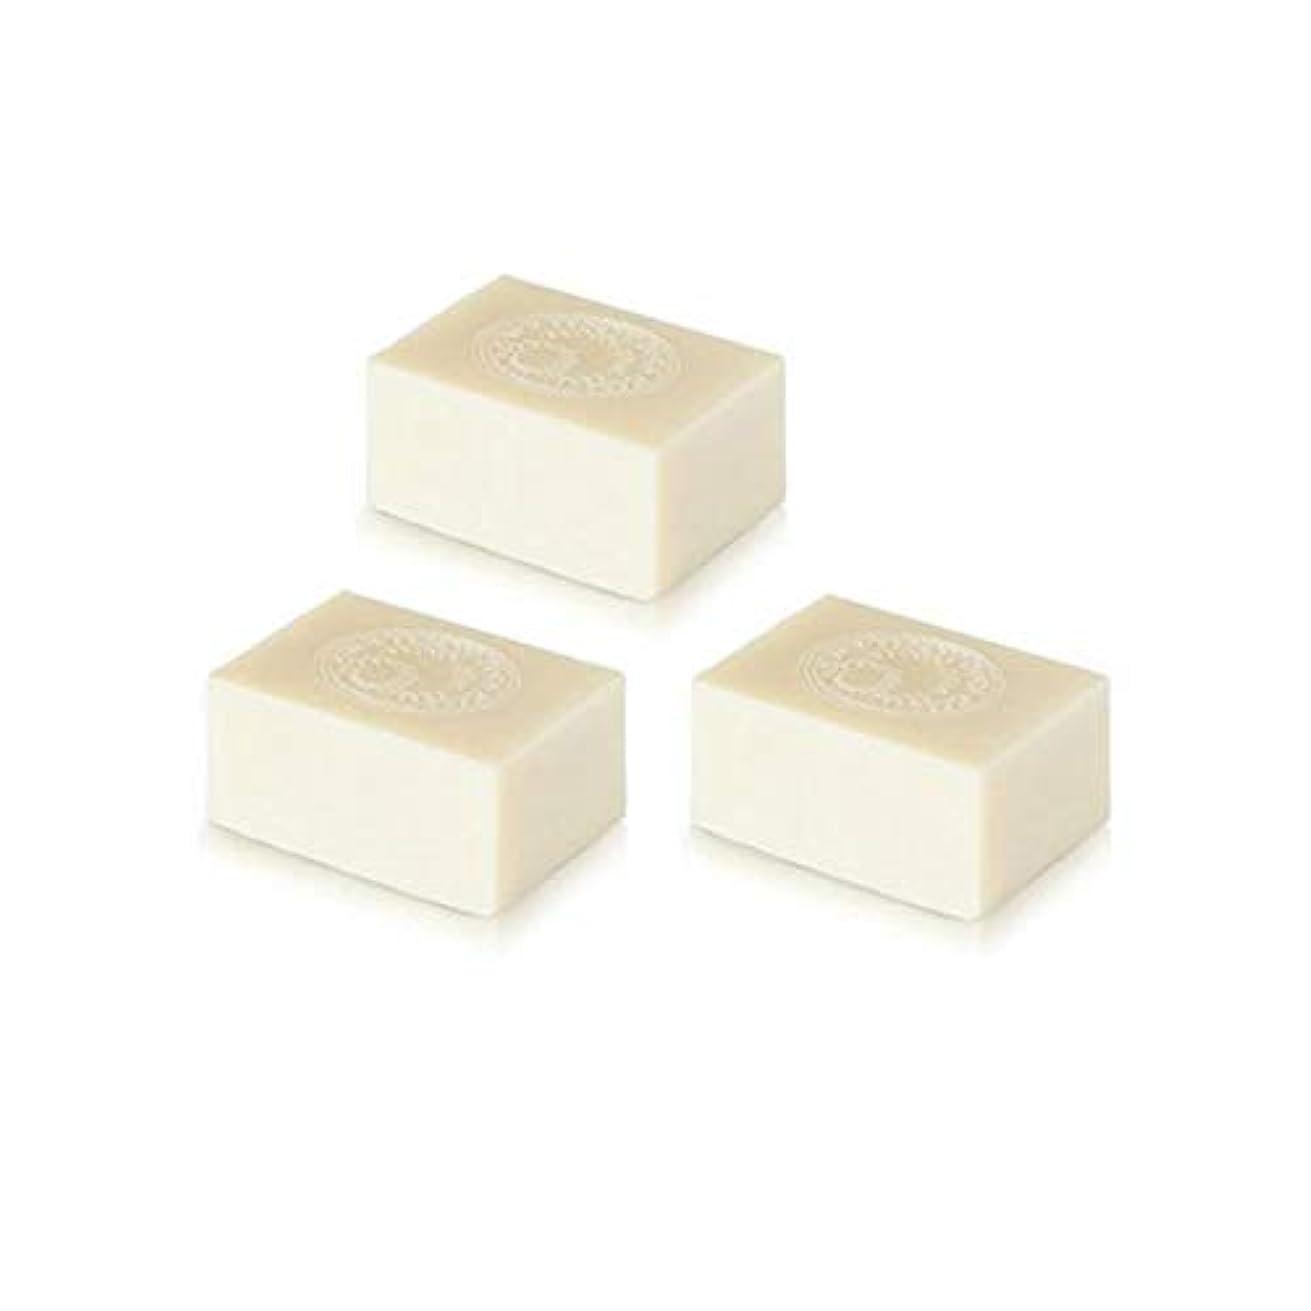 東牛肉フレットアルガン石鹸3個セット( 145g ×3個) アルガンオイルの完全無添加石鹸